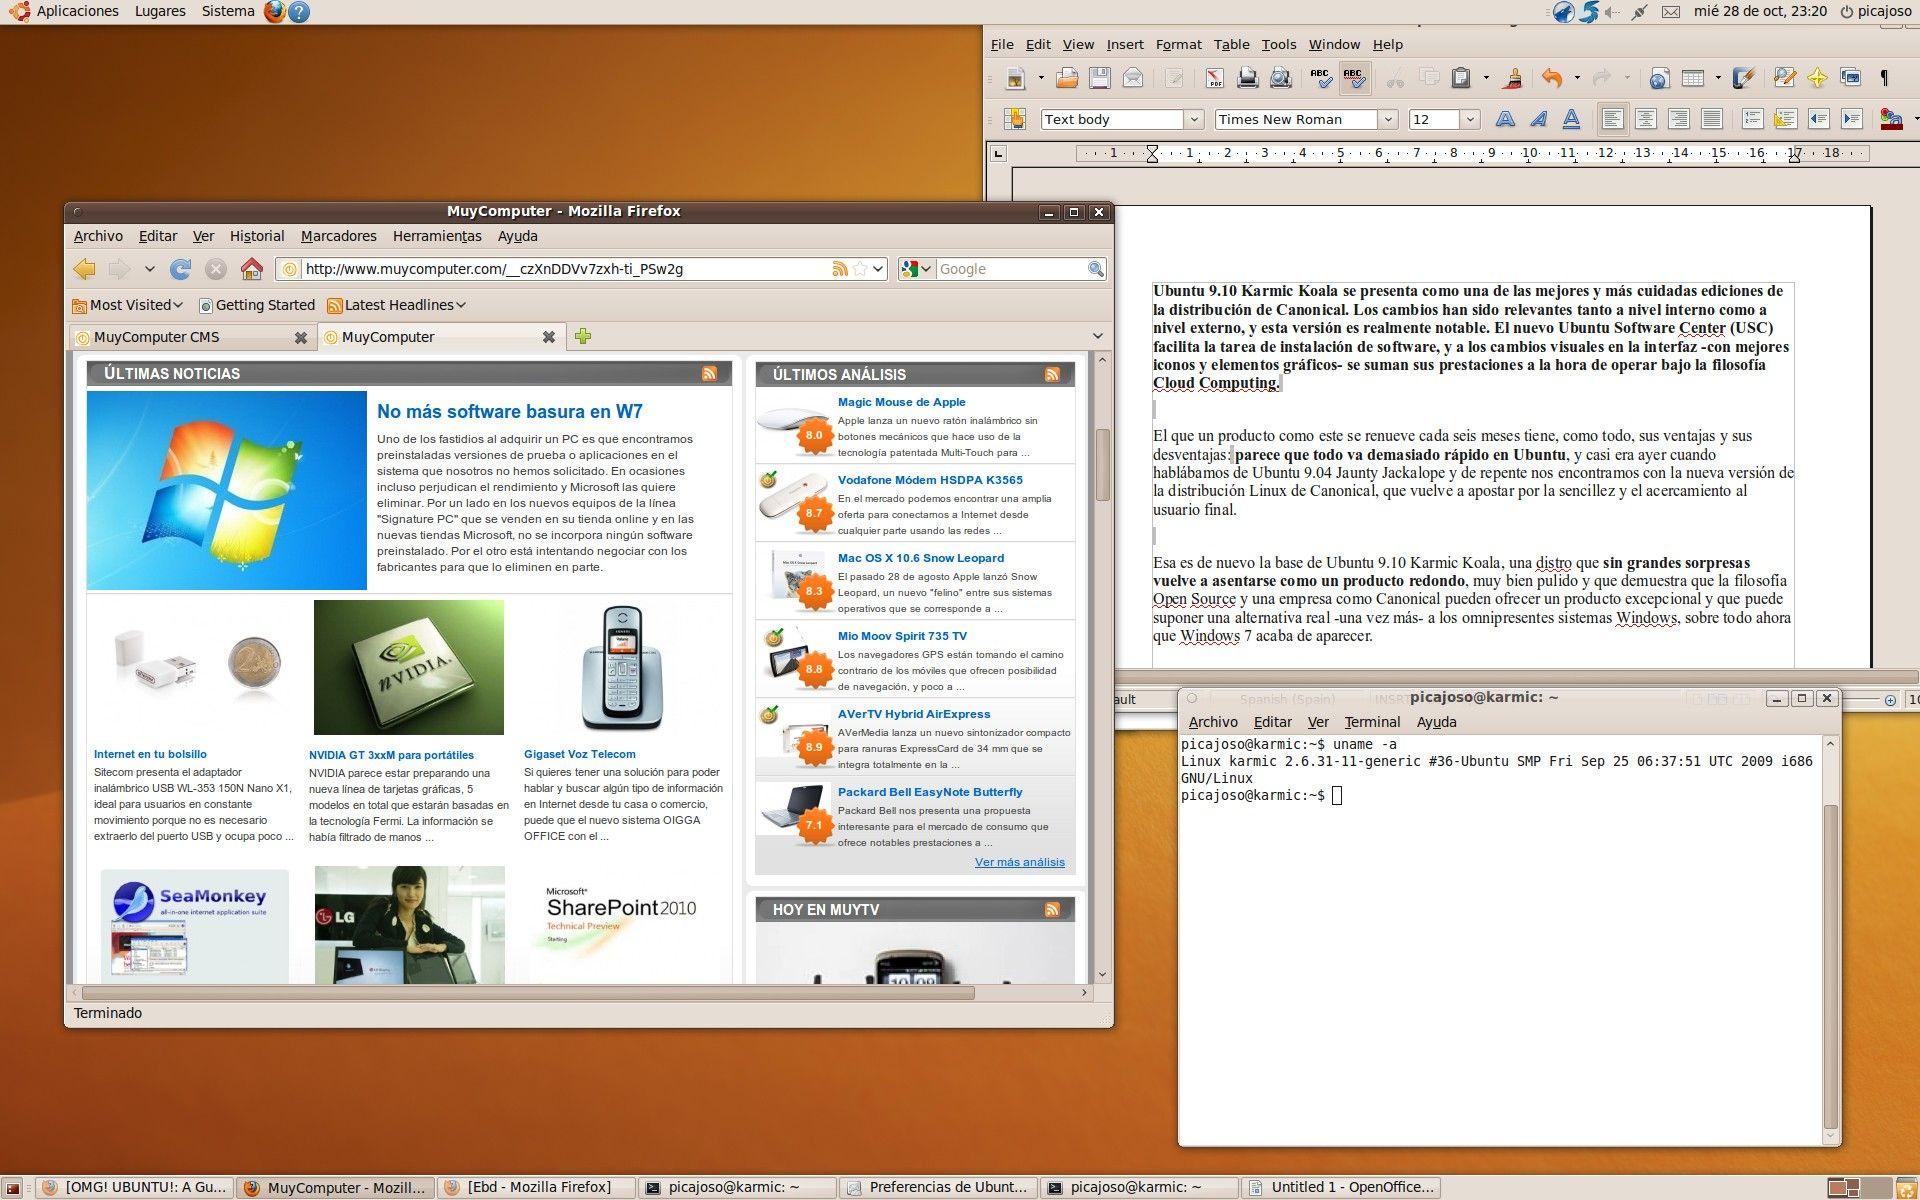 Ubuntu 9.10 Karmic Koala - Escritorio 2